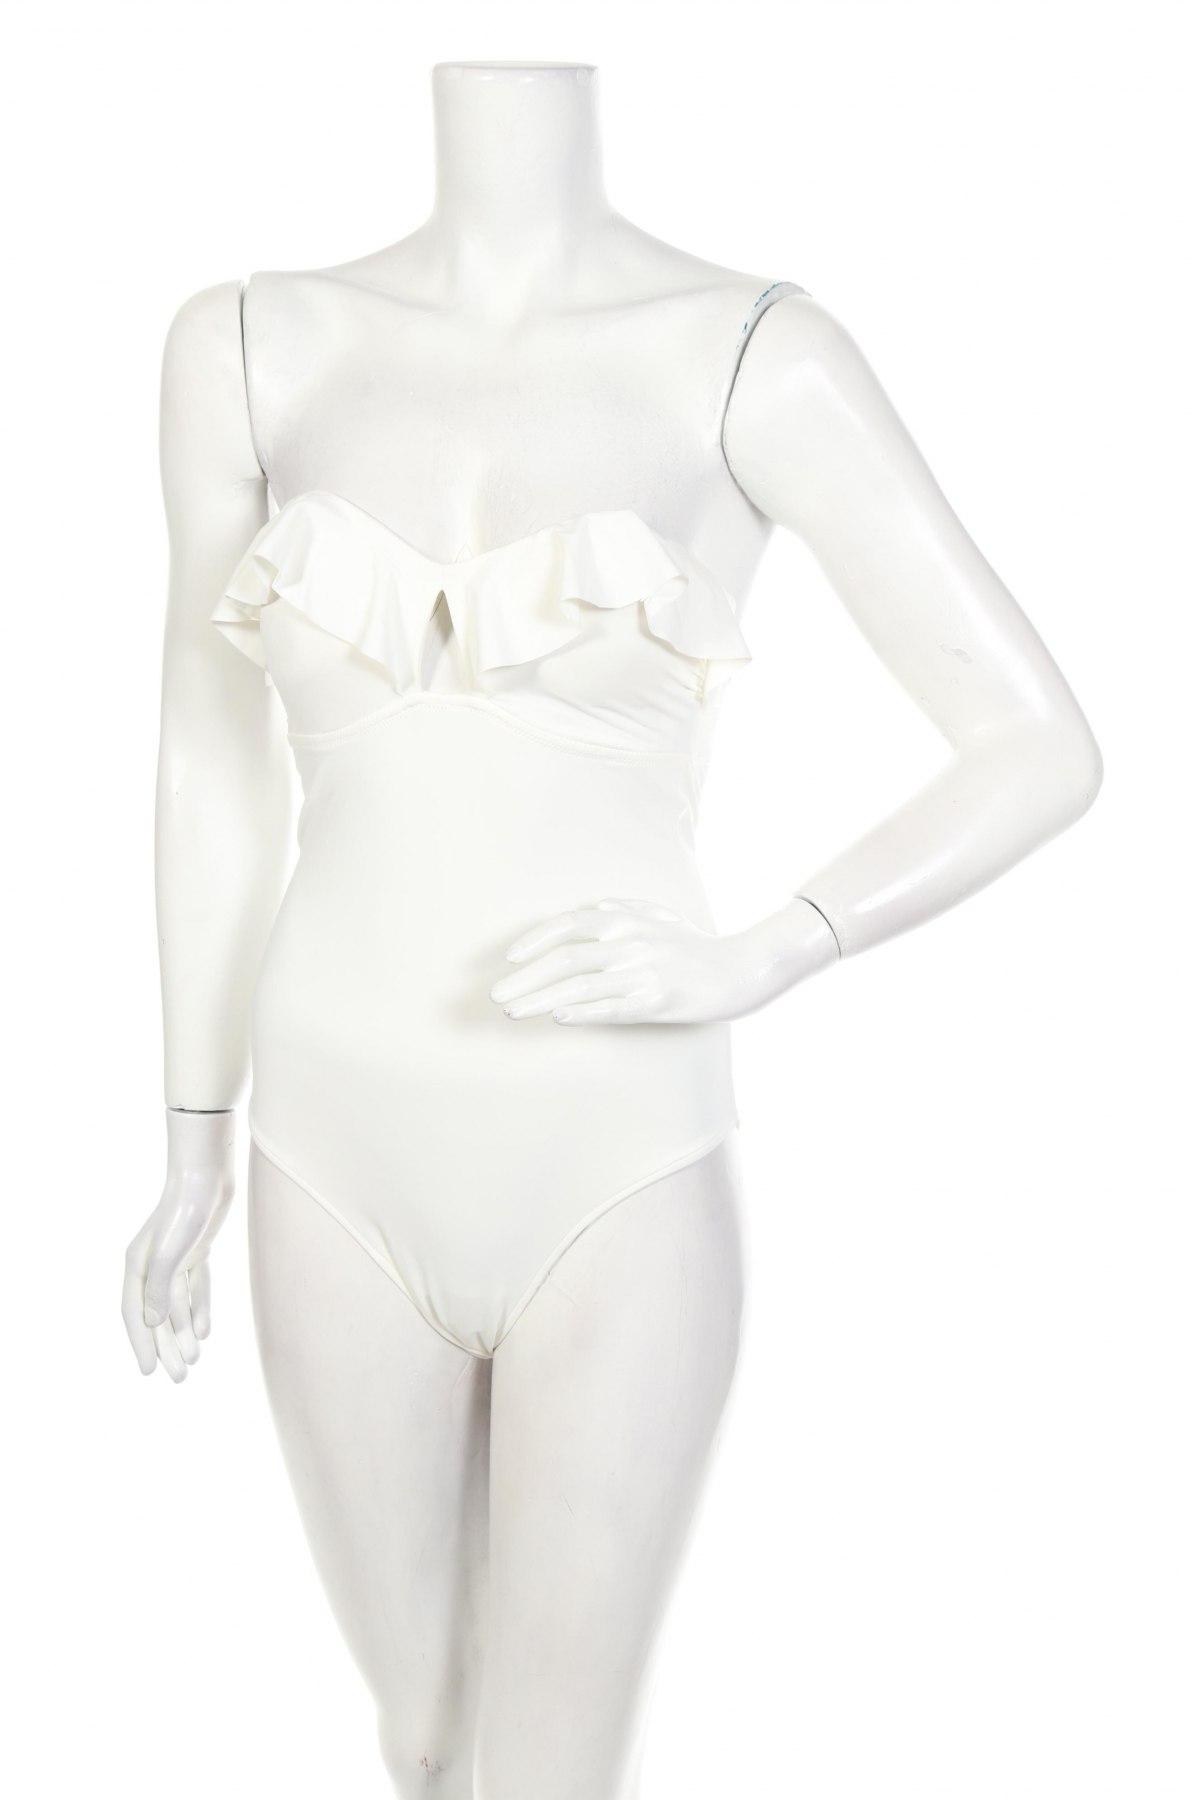 Дамски бански Women'secret, Размер L, Цвят Бял, 87% полиамид, 13% еластан, Цена 26,22лв.